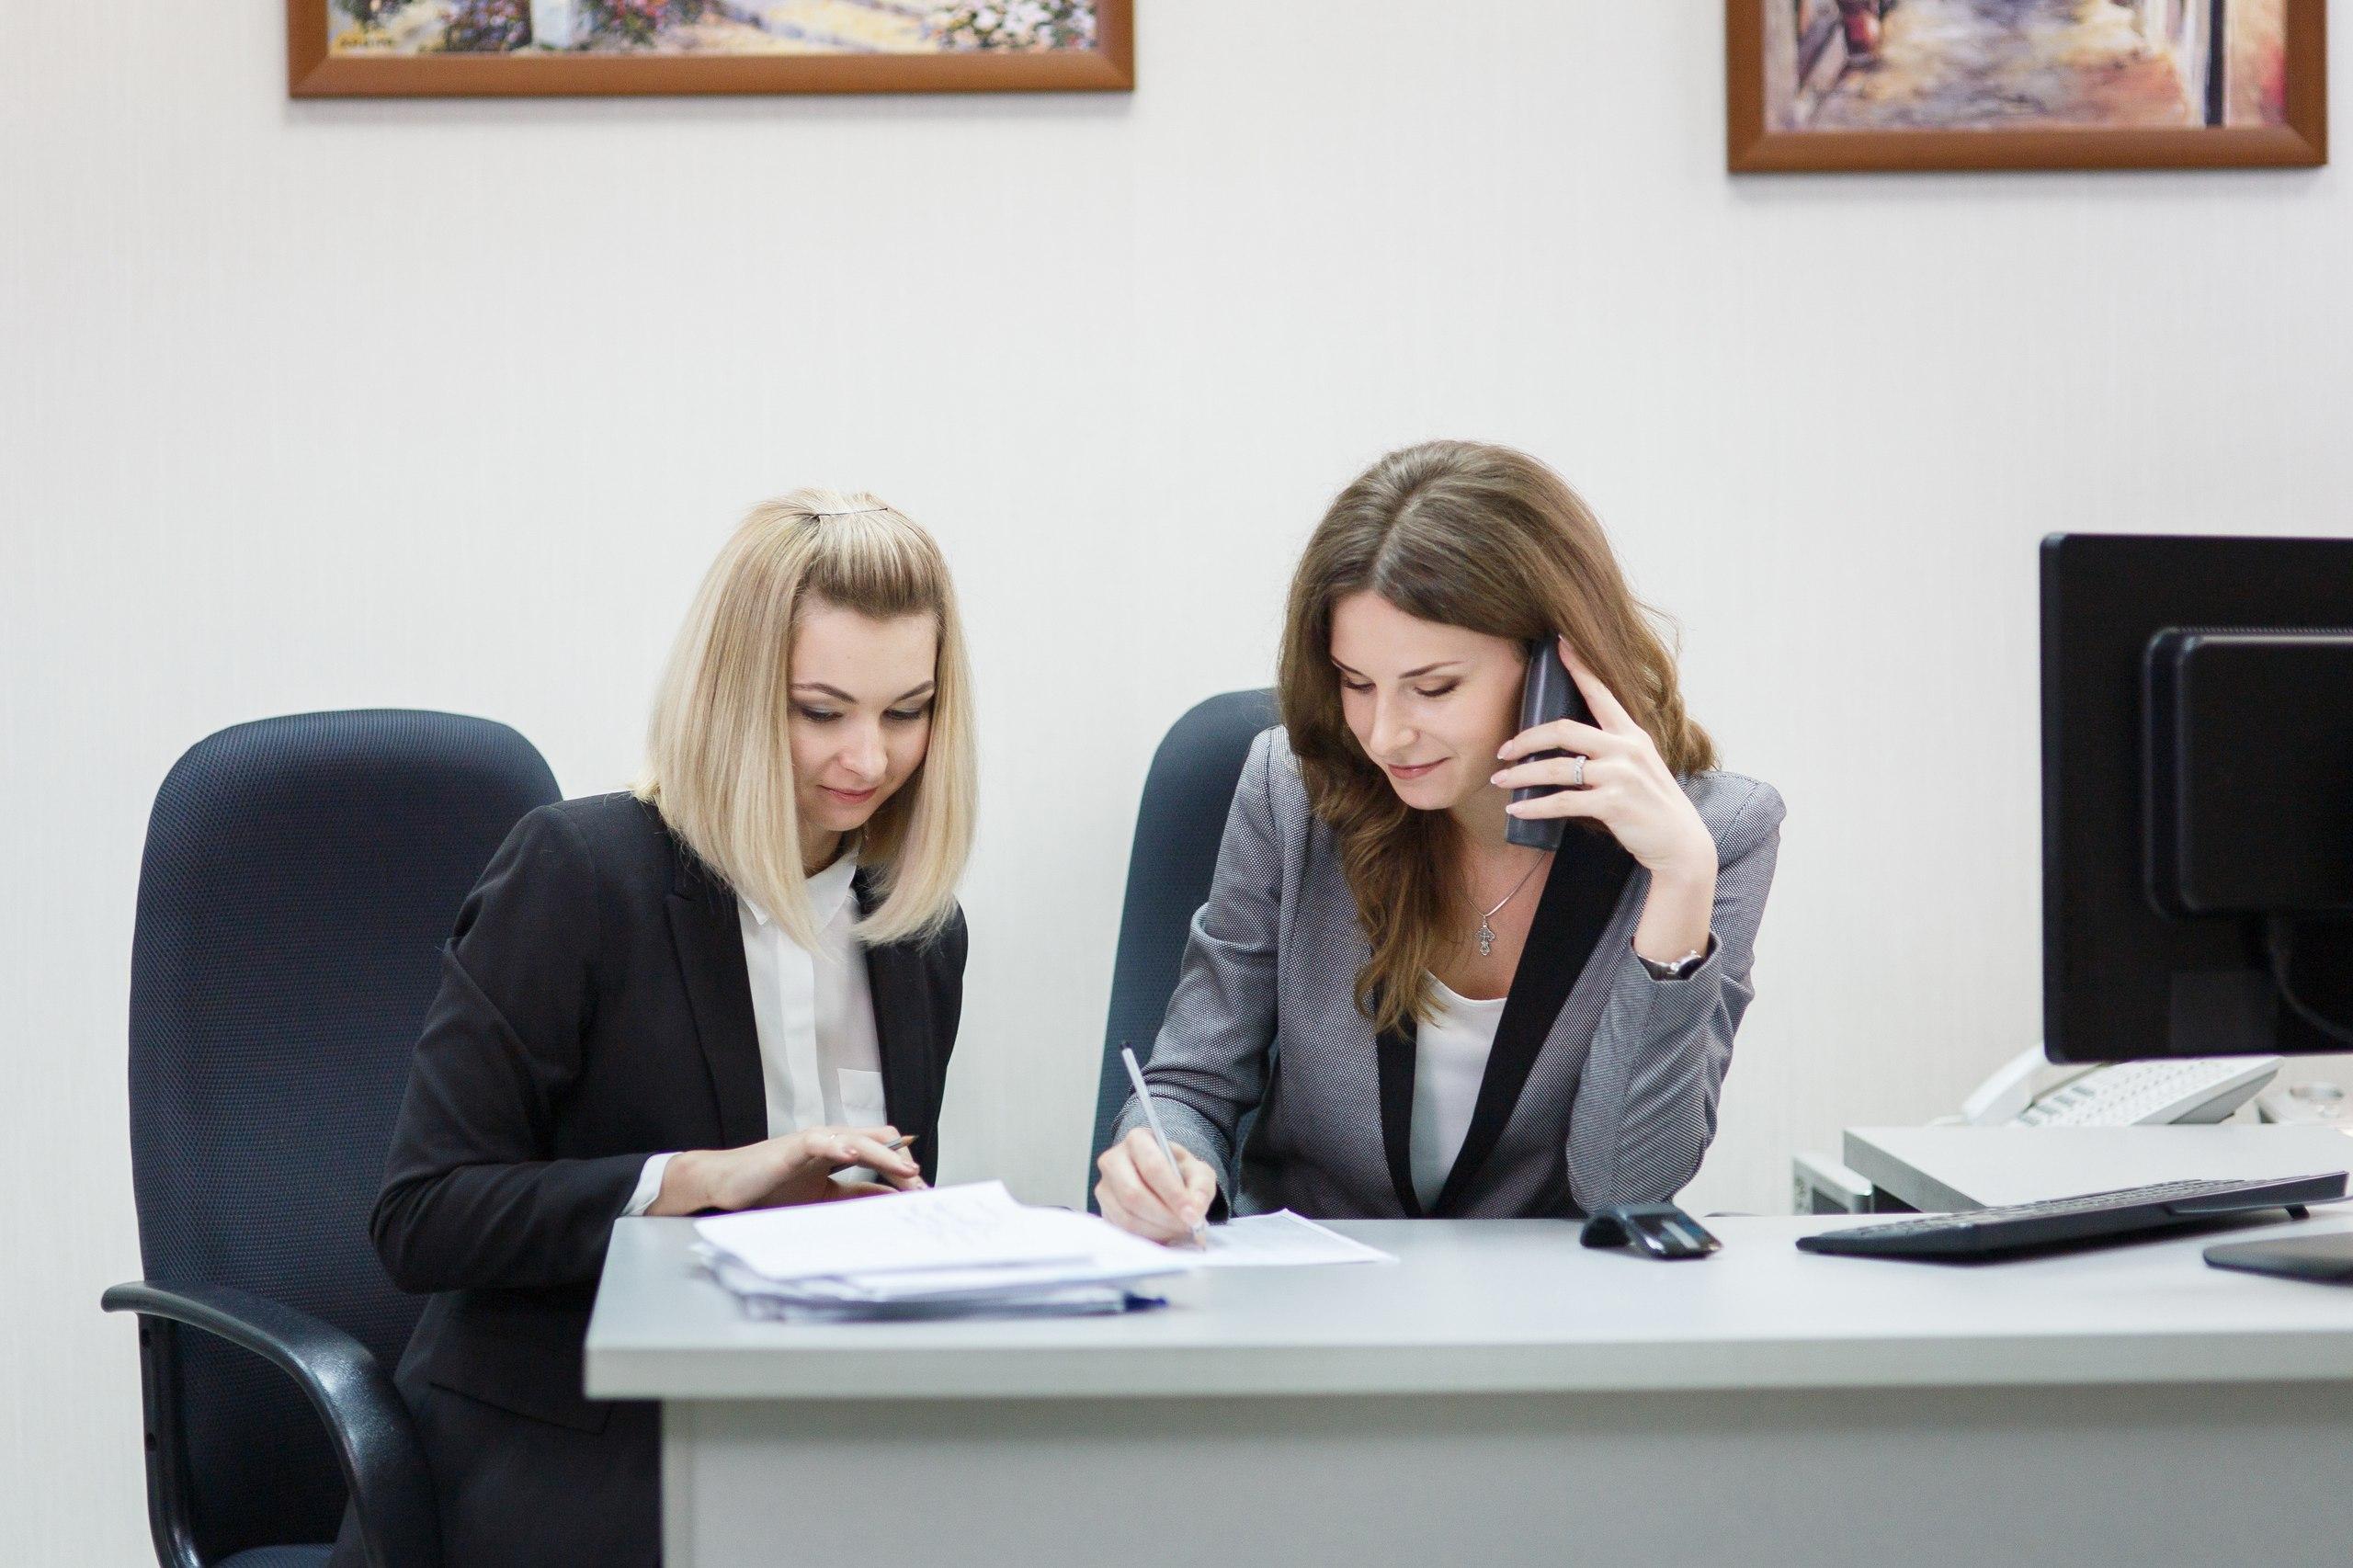 Бухгалтерское сопровождение в сургуте бухгалтер открыть ип